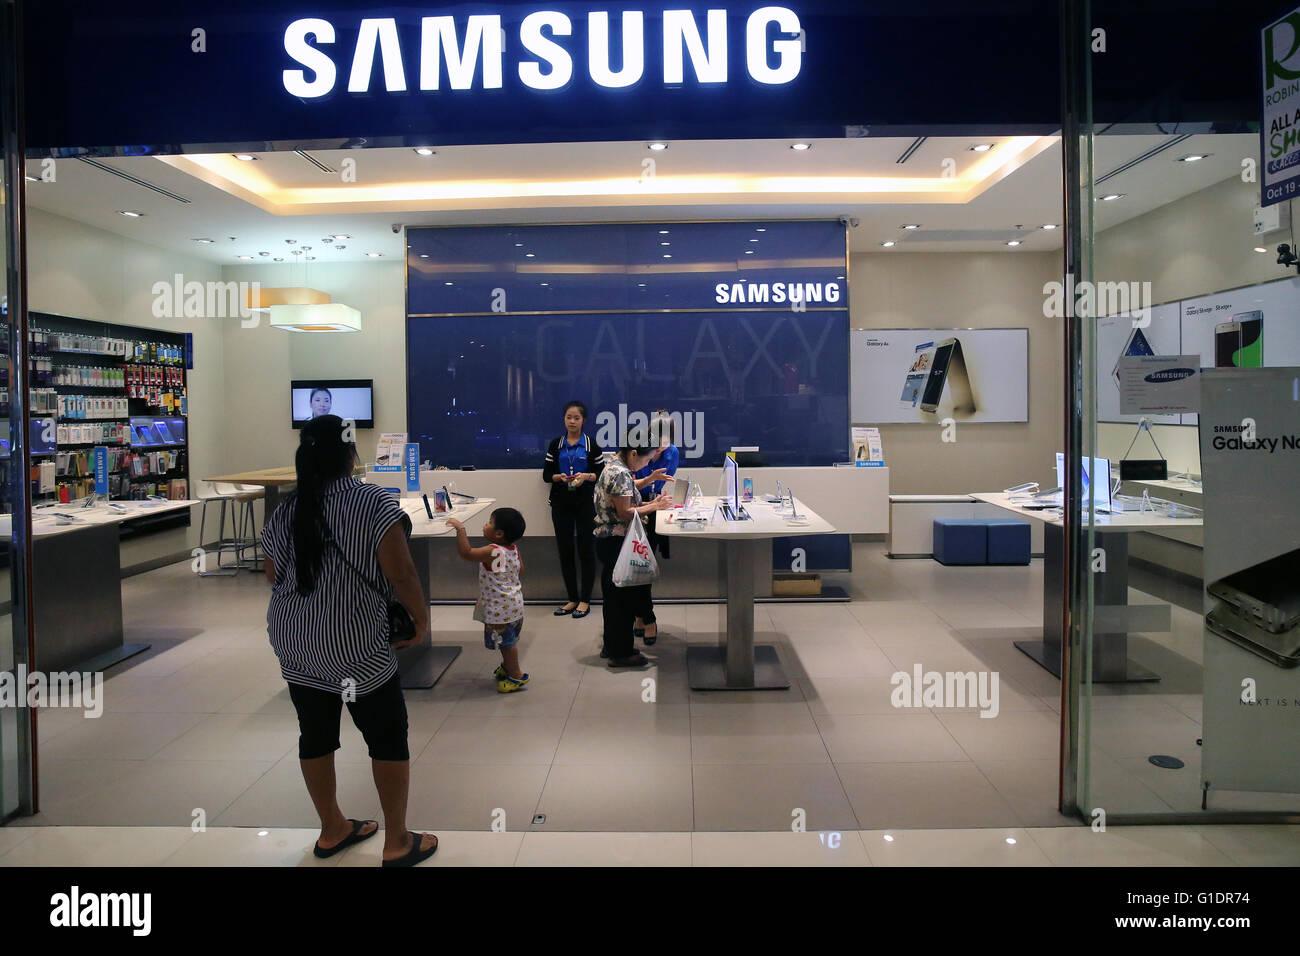 Samsung store. Bangkok. Thailand. - Stock Image